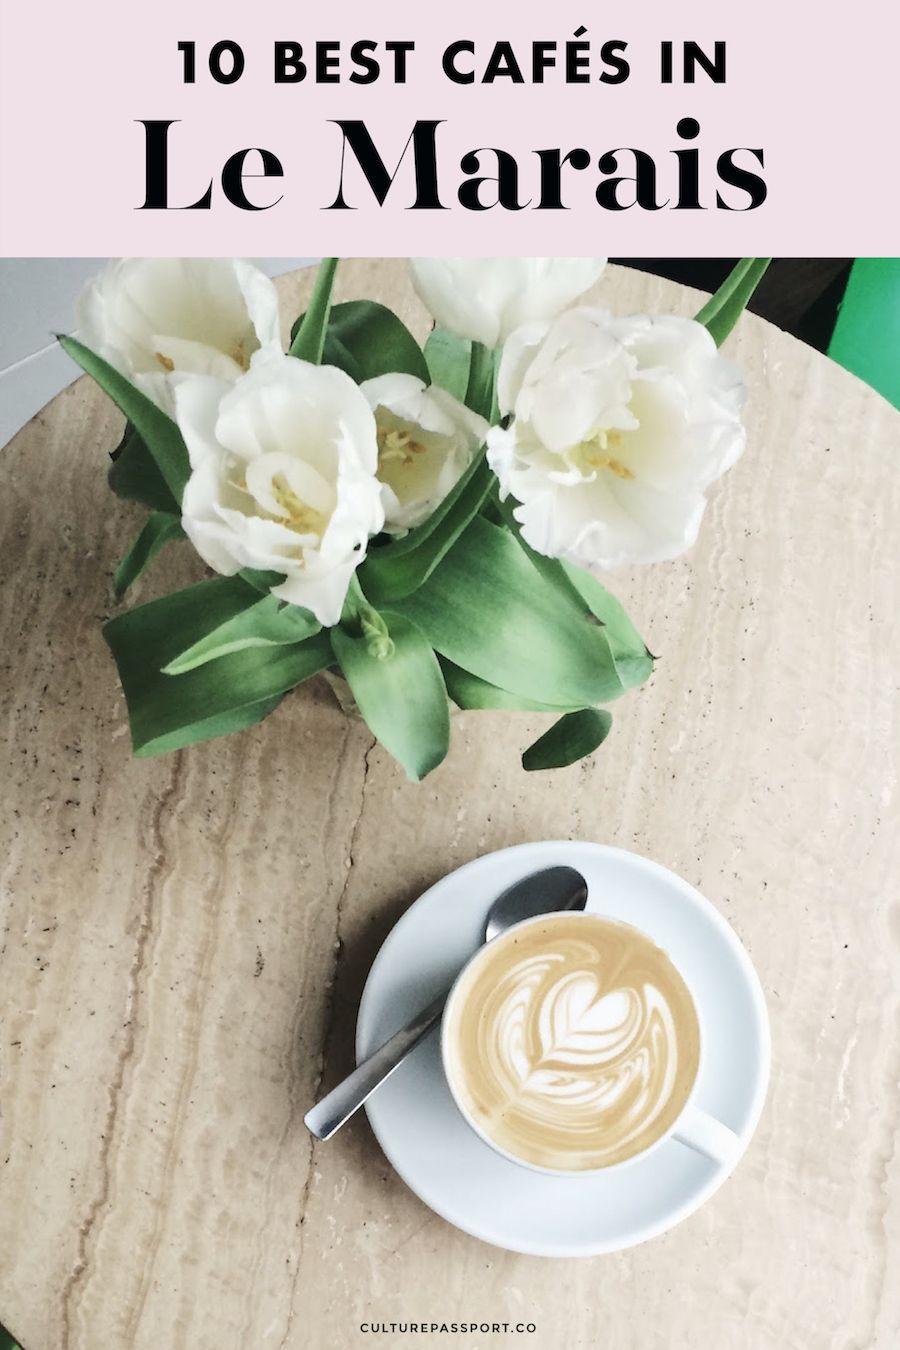 10 Best Cafés in the Marais, Paris #lemarais #paris #cafes